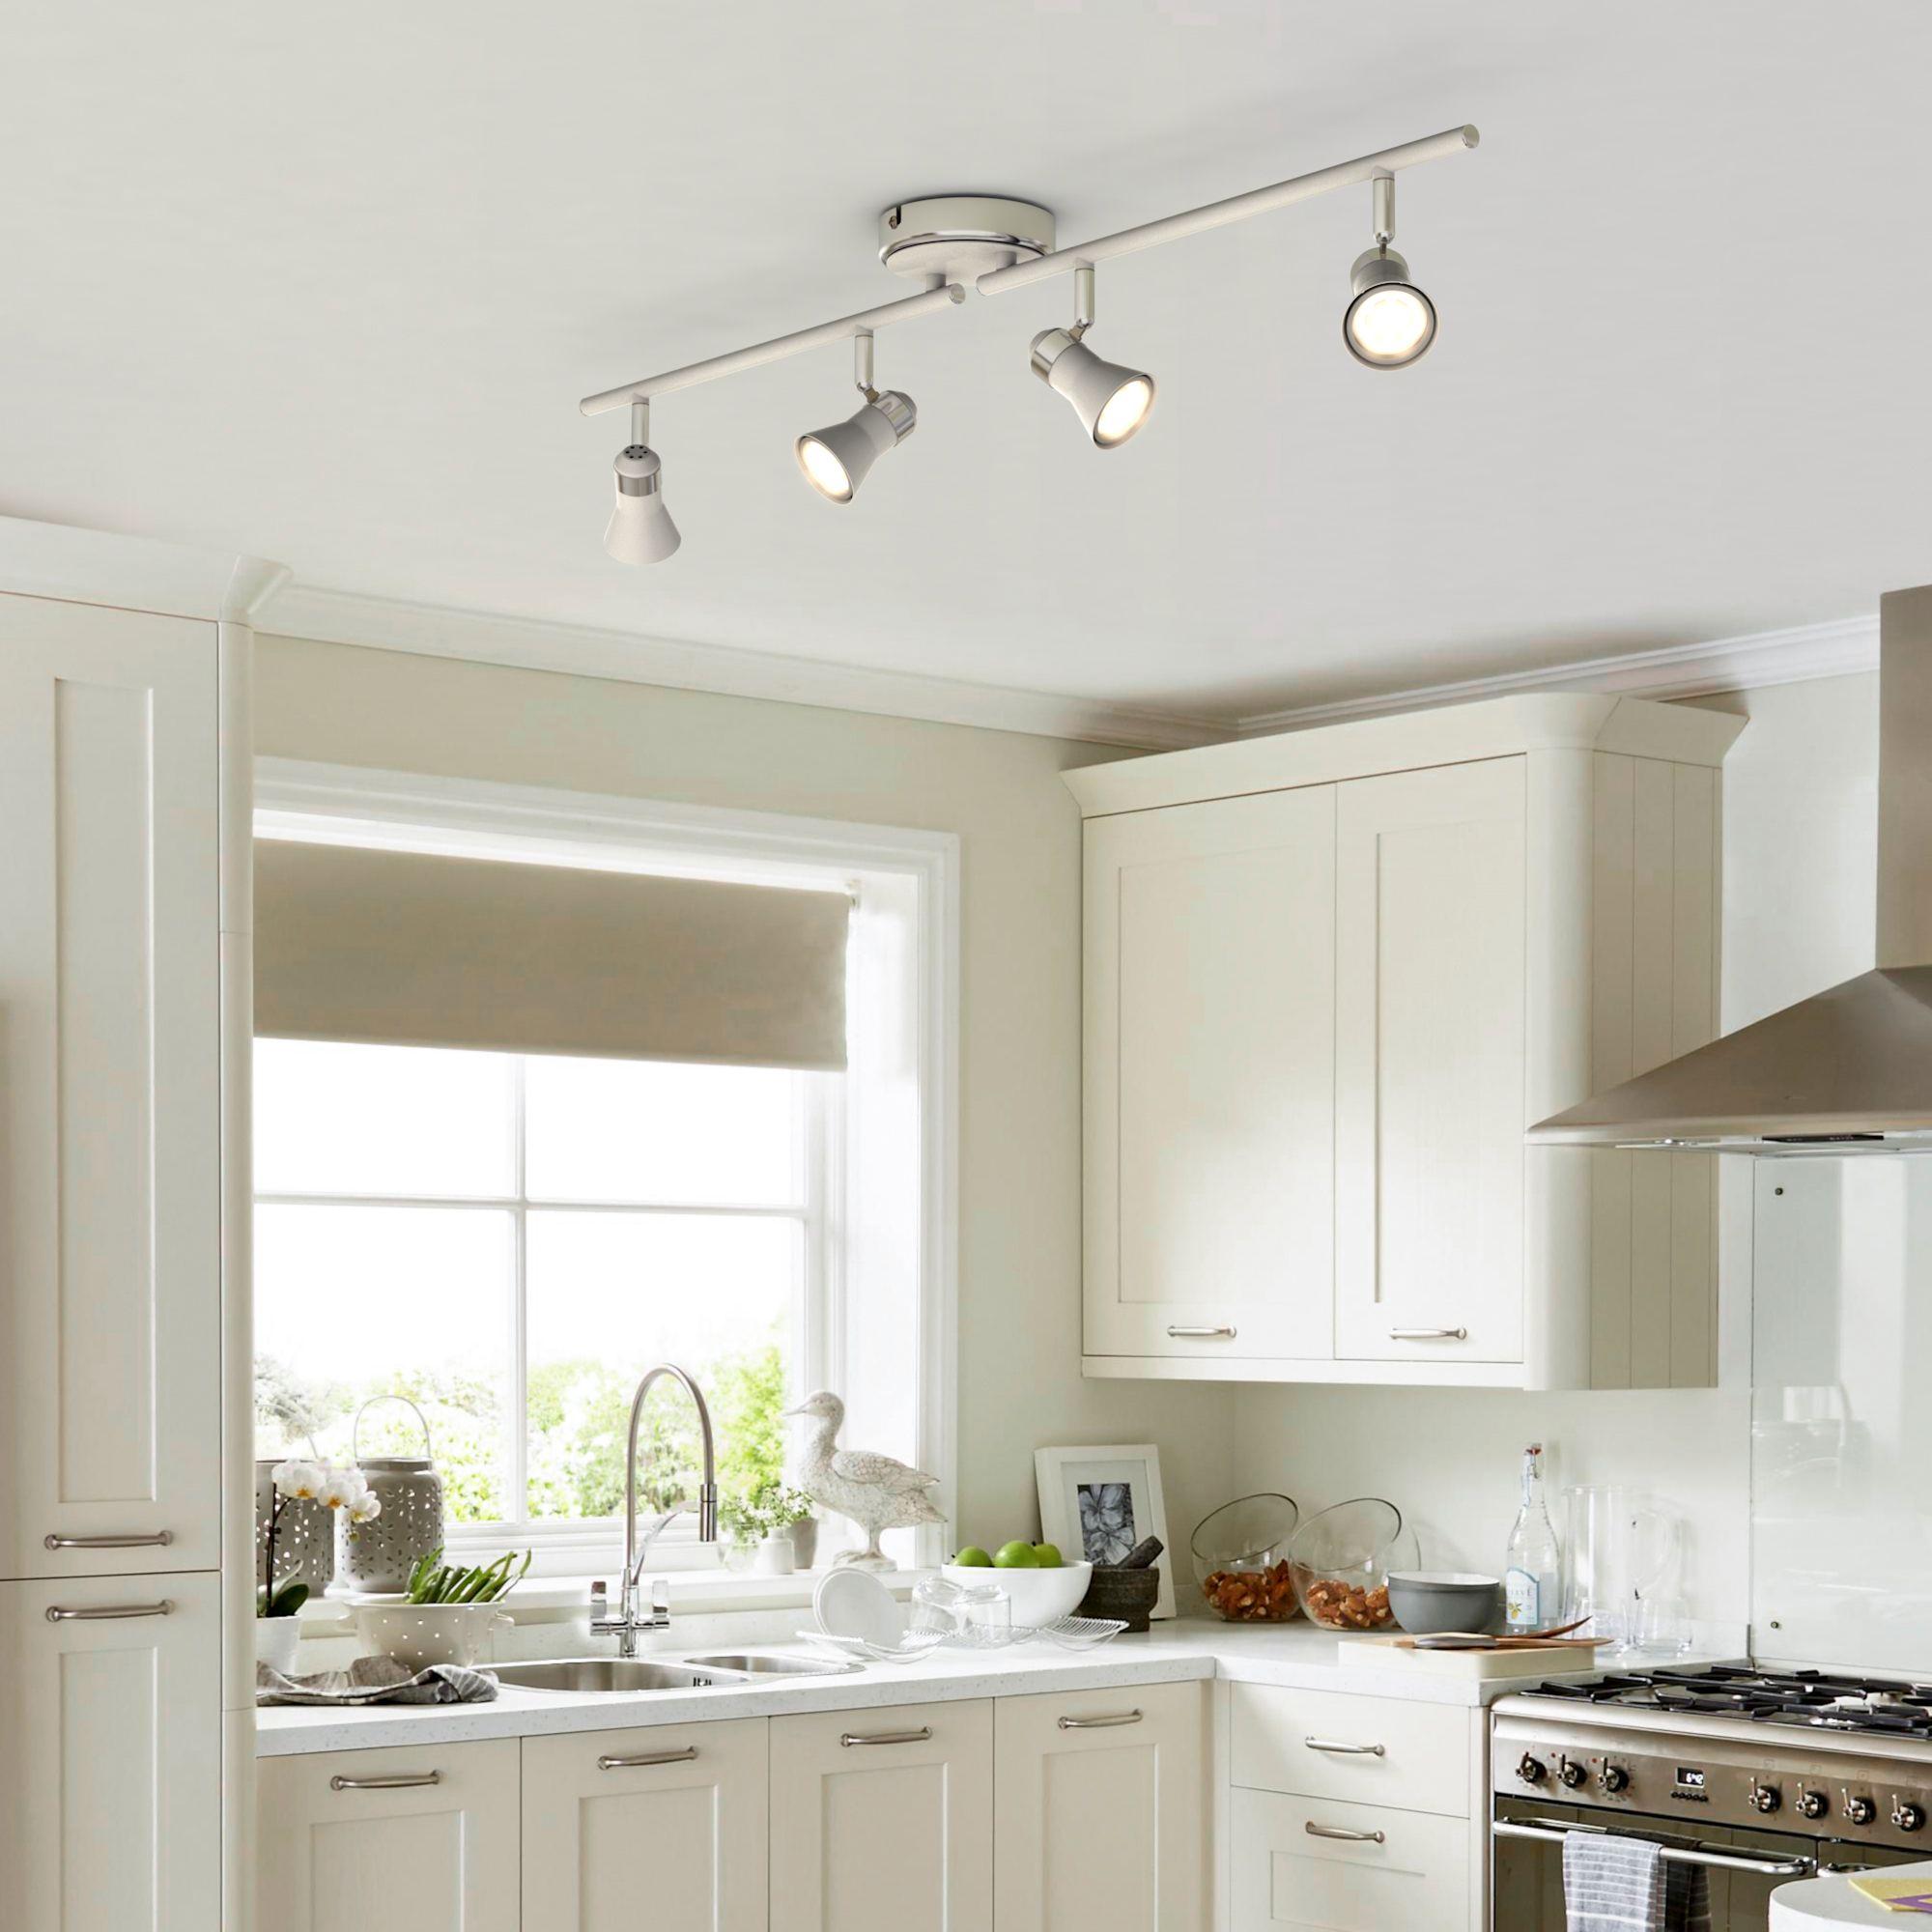 kitchen lights kitchen ceiling lights spotlights rh diy com ceiling kitchen lighting fixtures ceiling kitchen lighting ideas